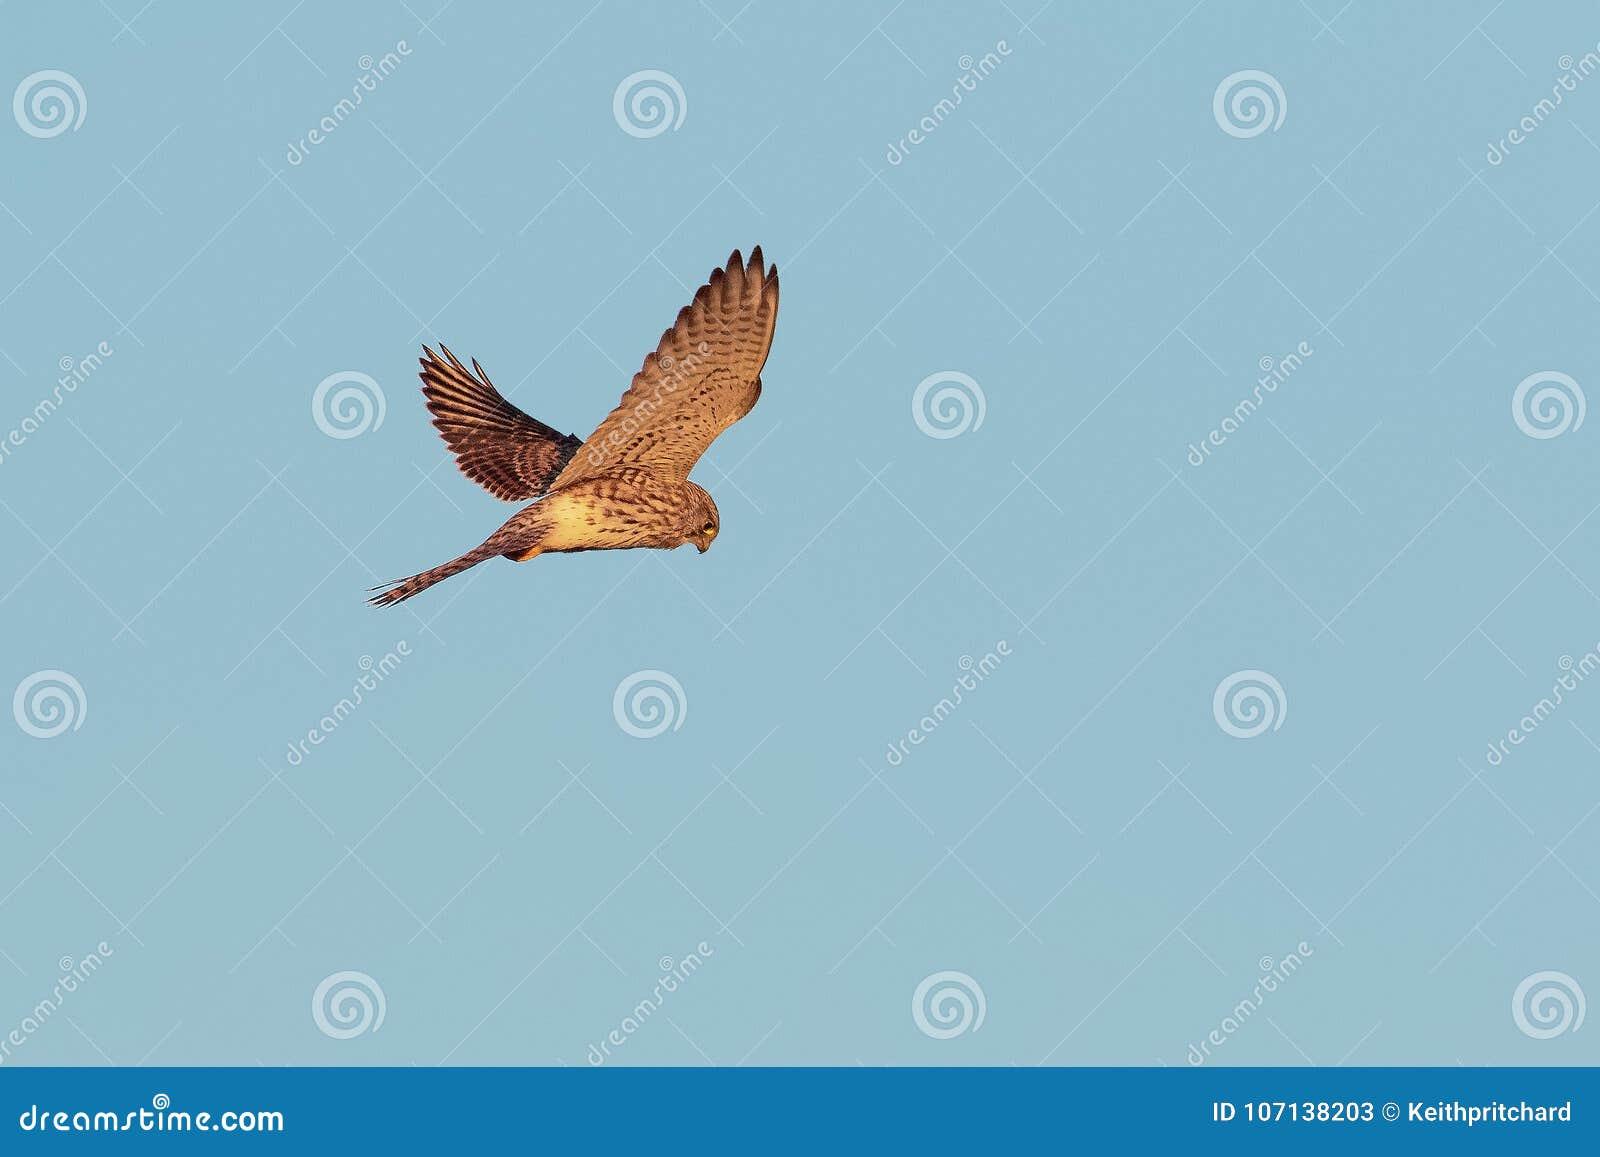 A Common Kestrel, hovering flight.